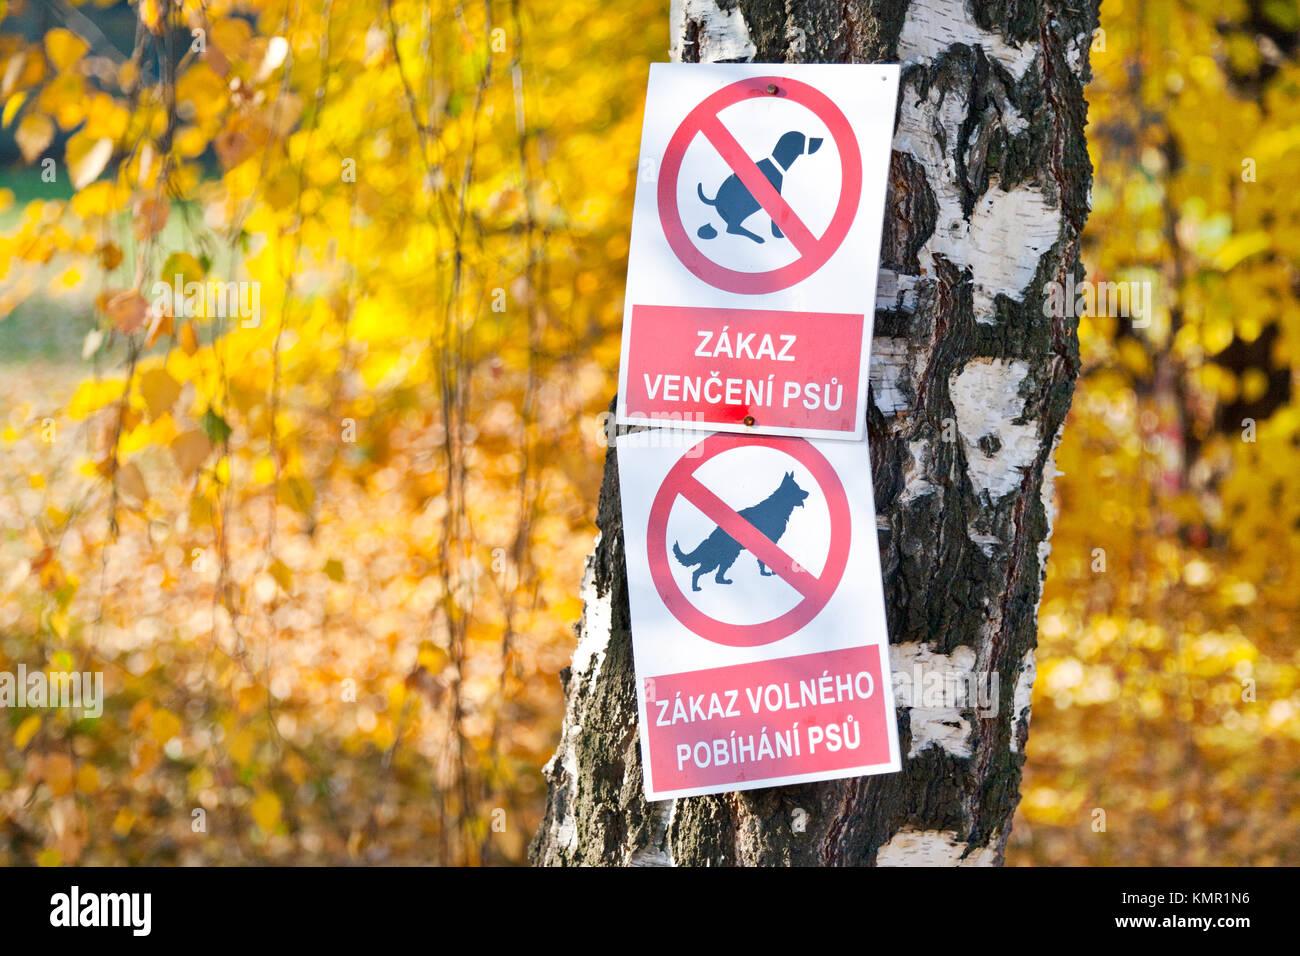 zákazové cedule - psi v parku, Česká republika - Stock Image